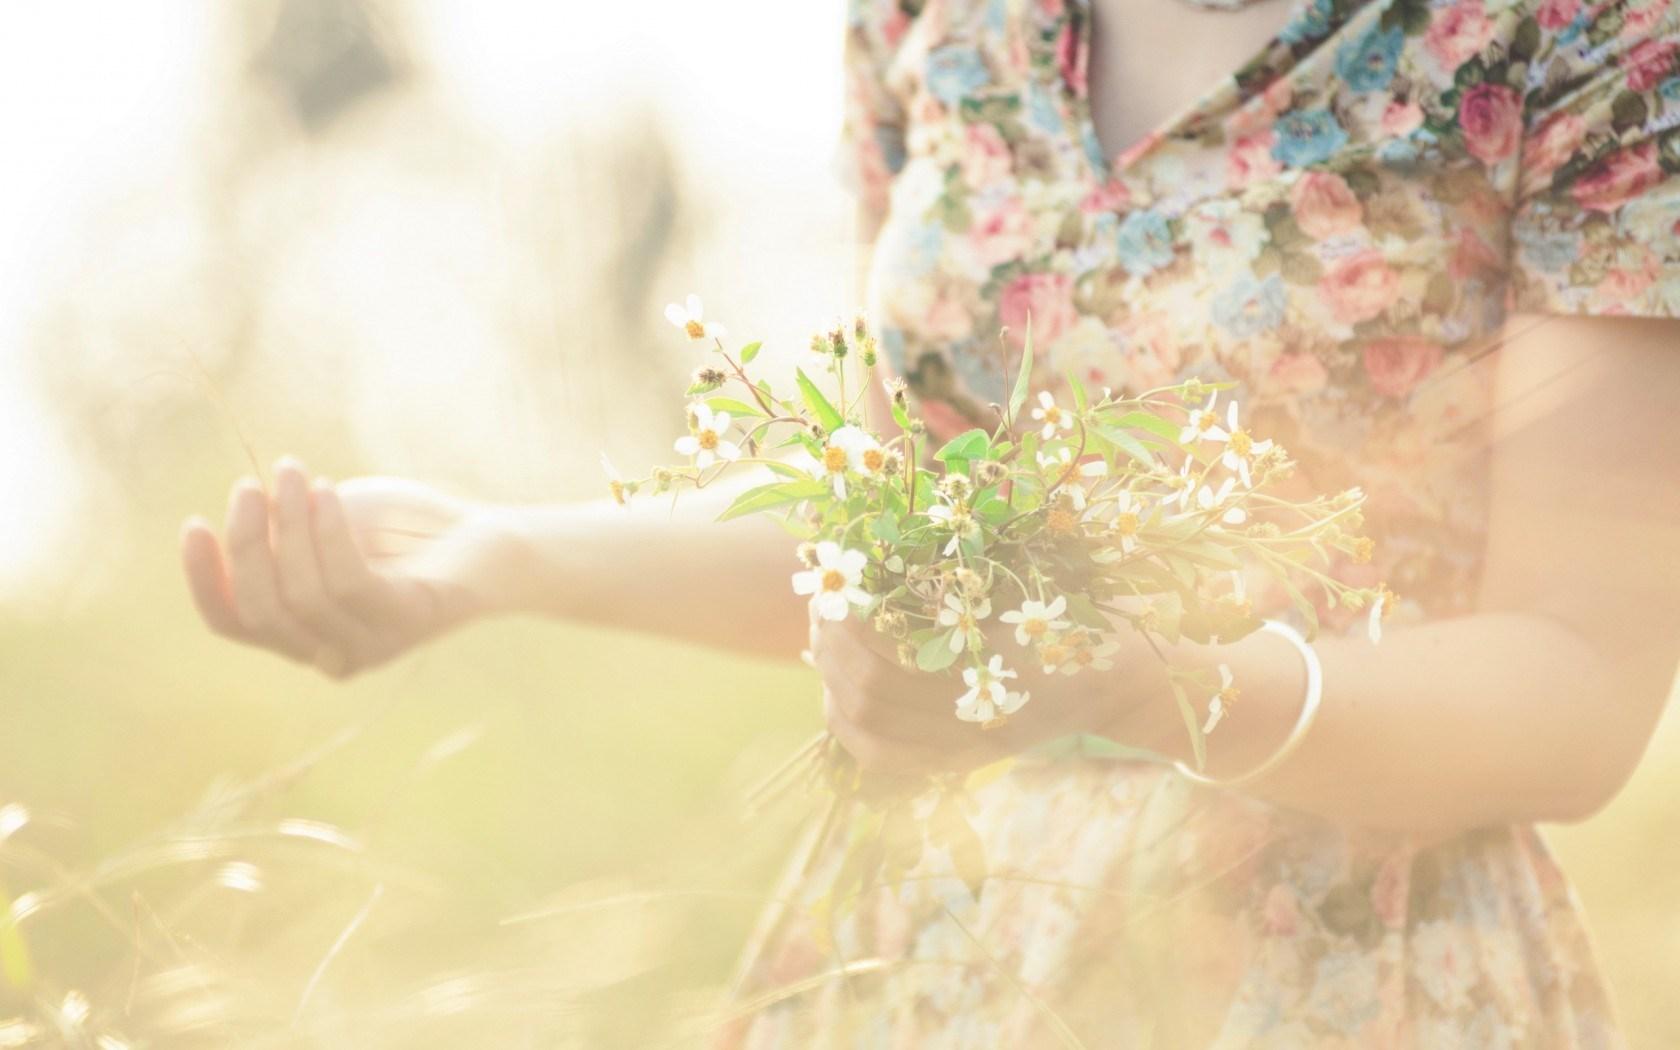 girl flowers summer mood